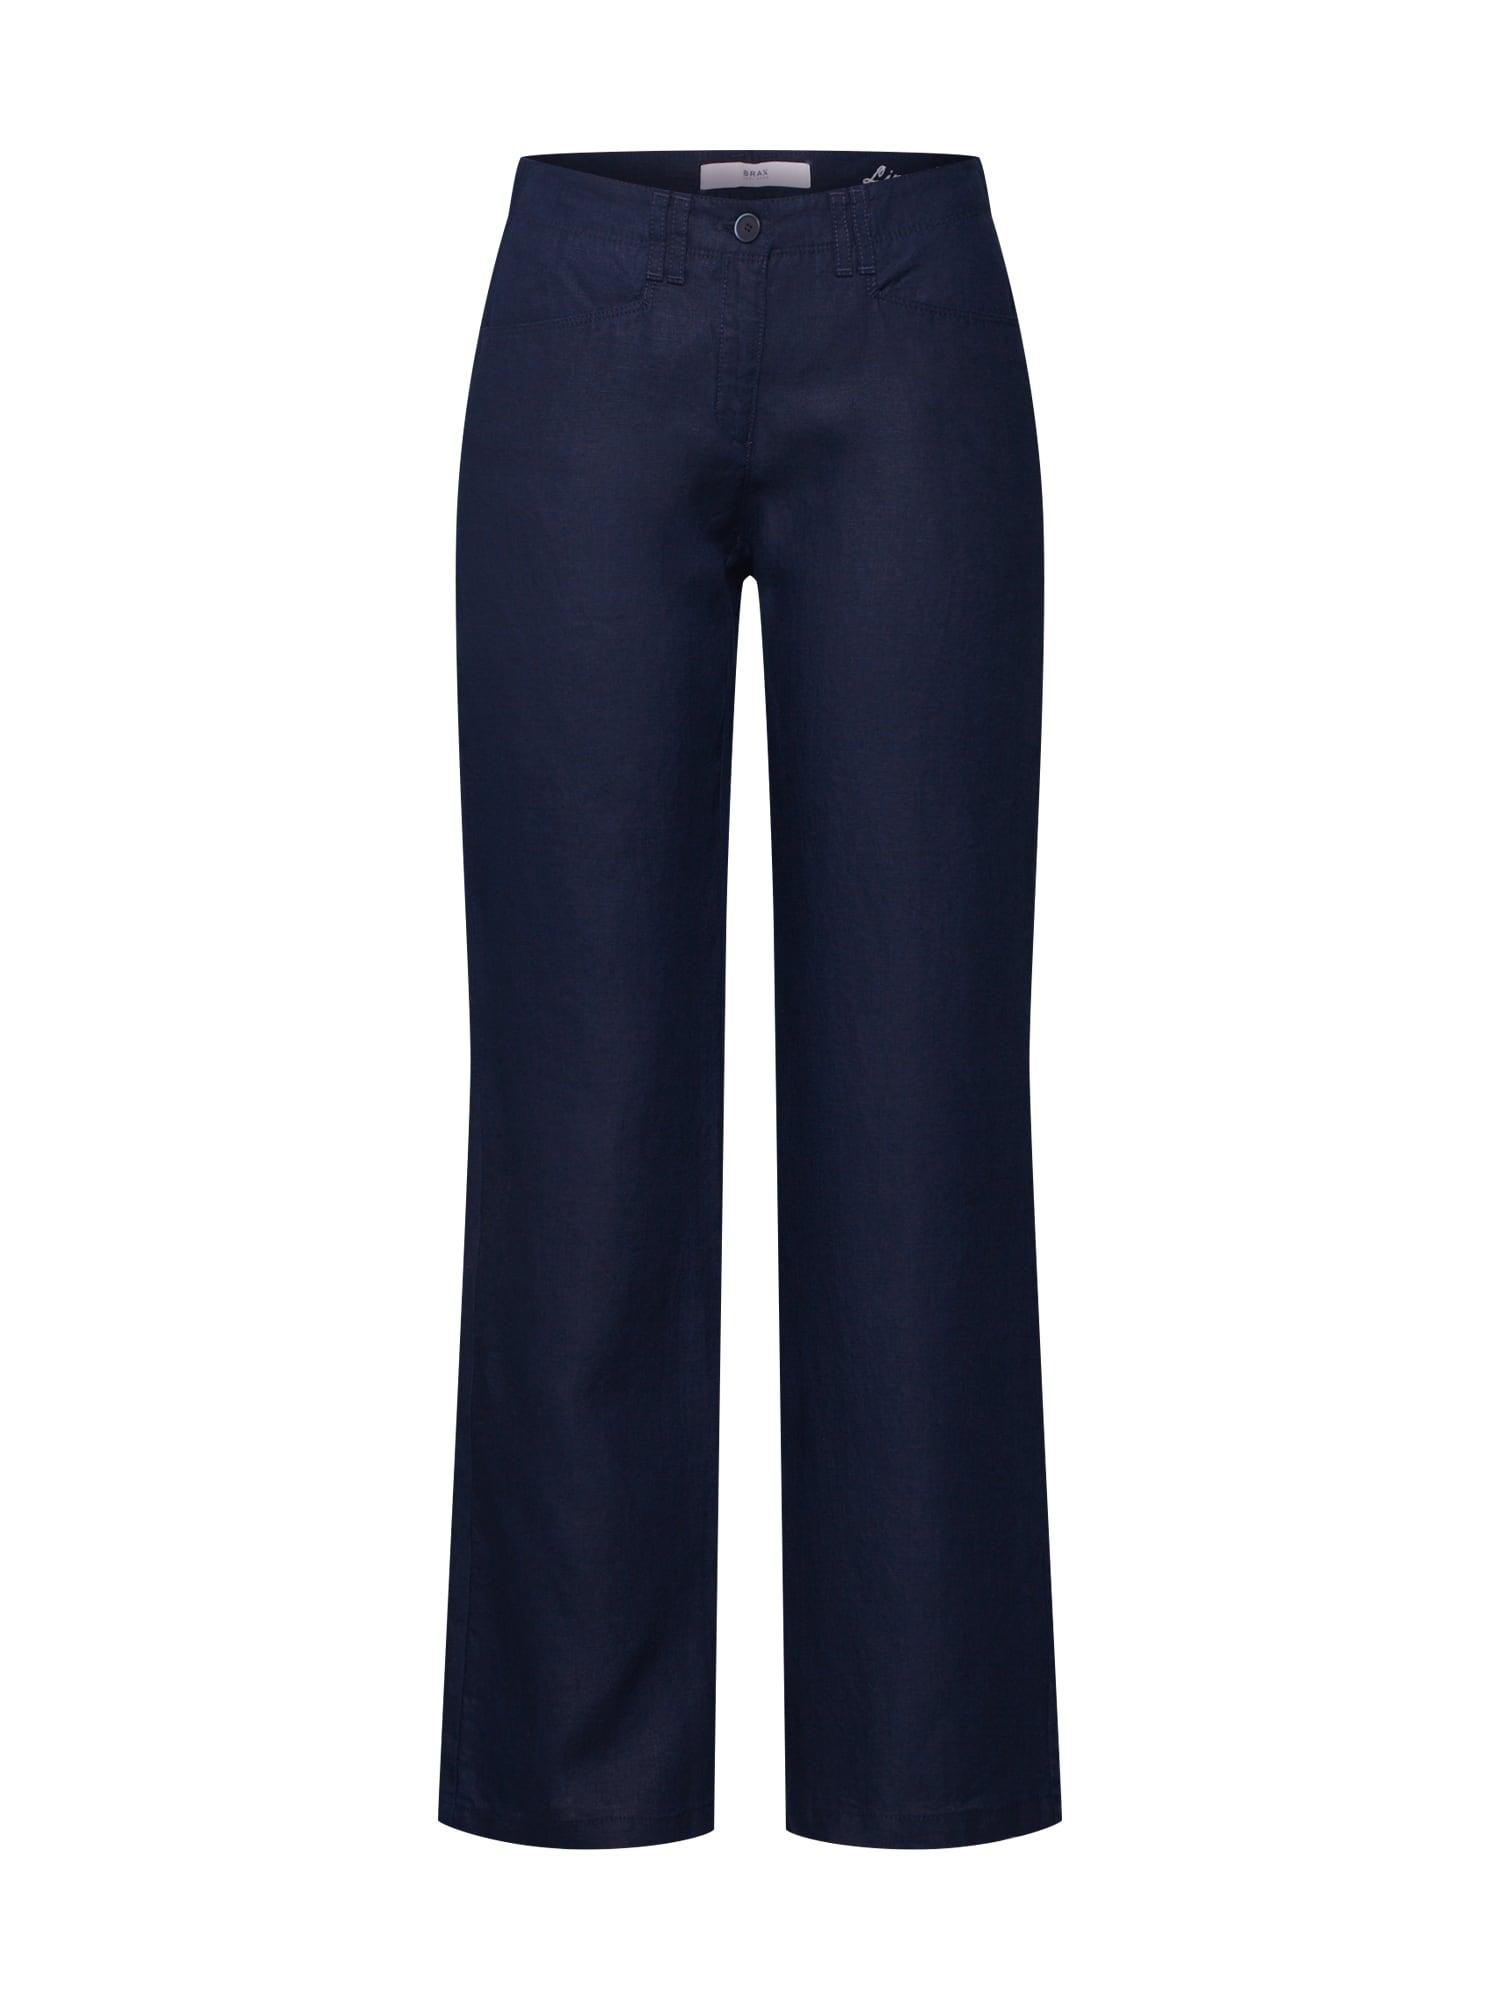 Kalhoty Farina námořnická modř BRAX